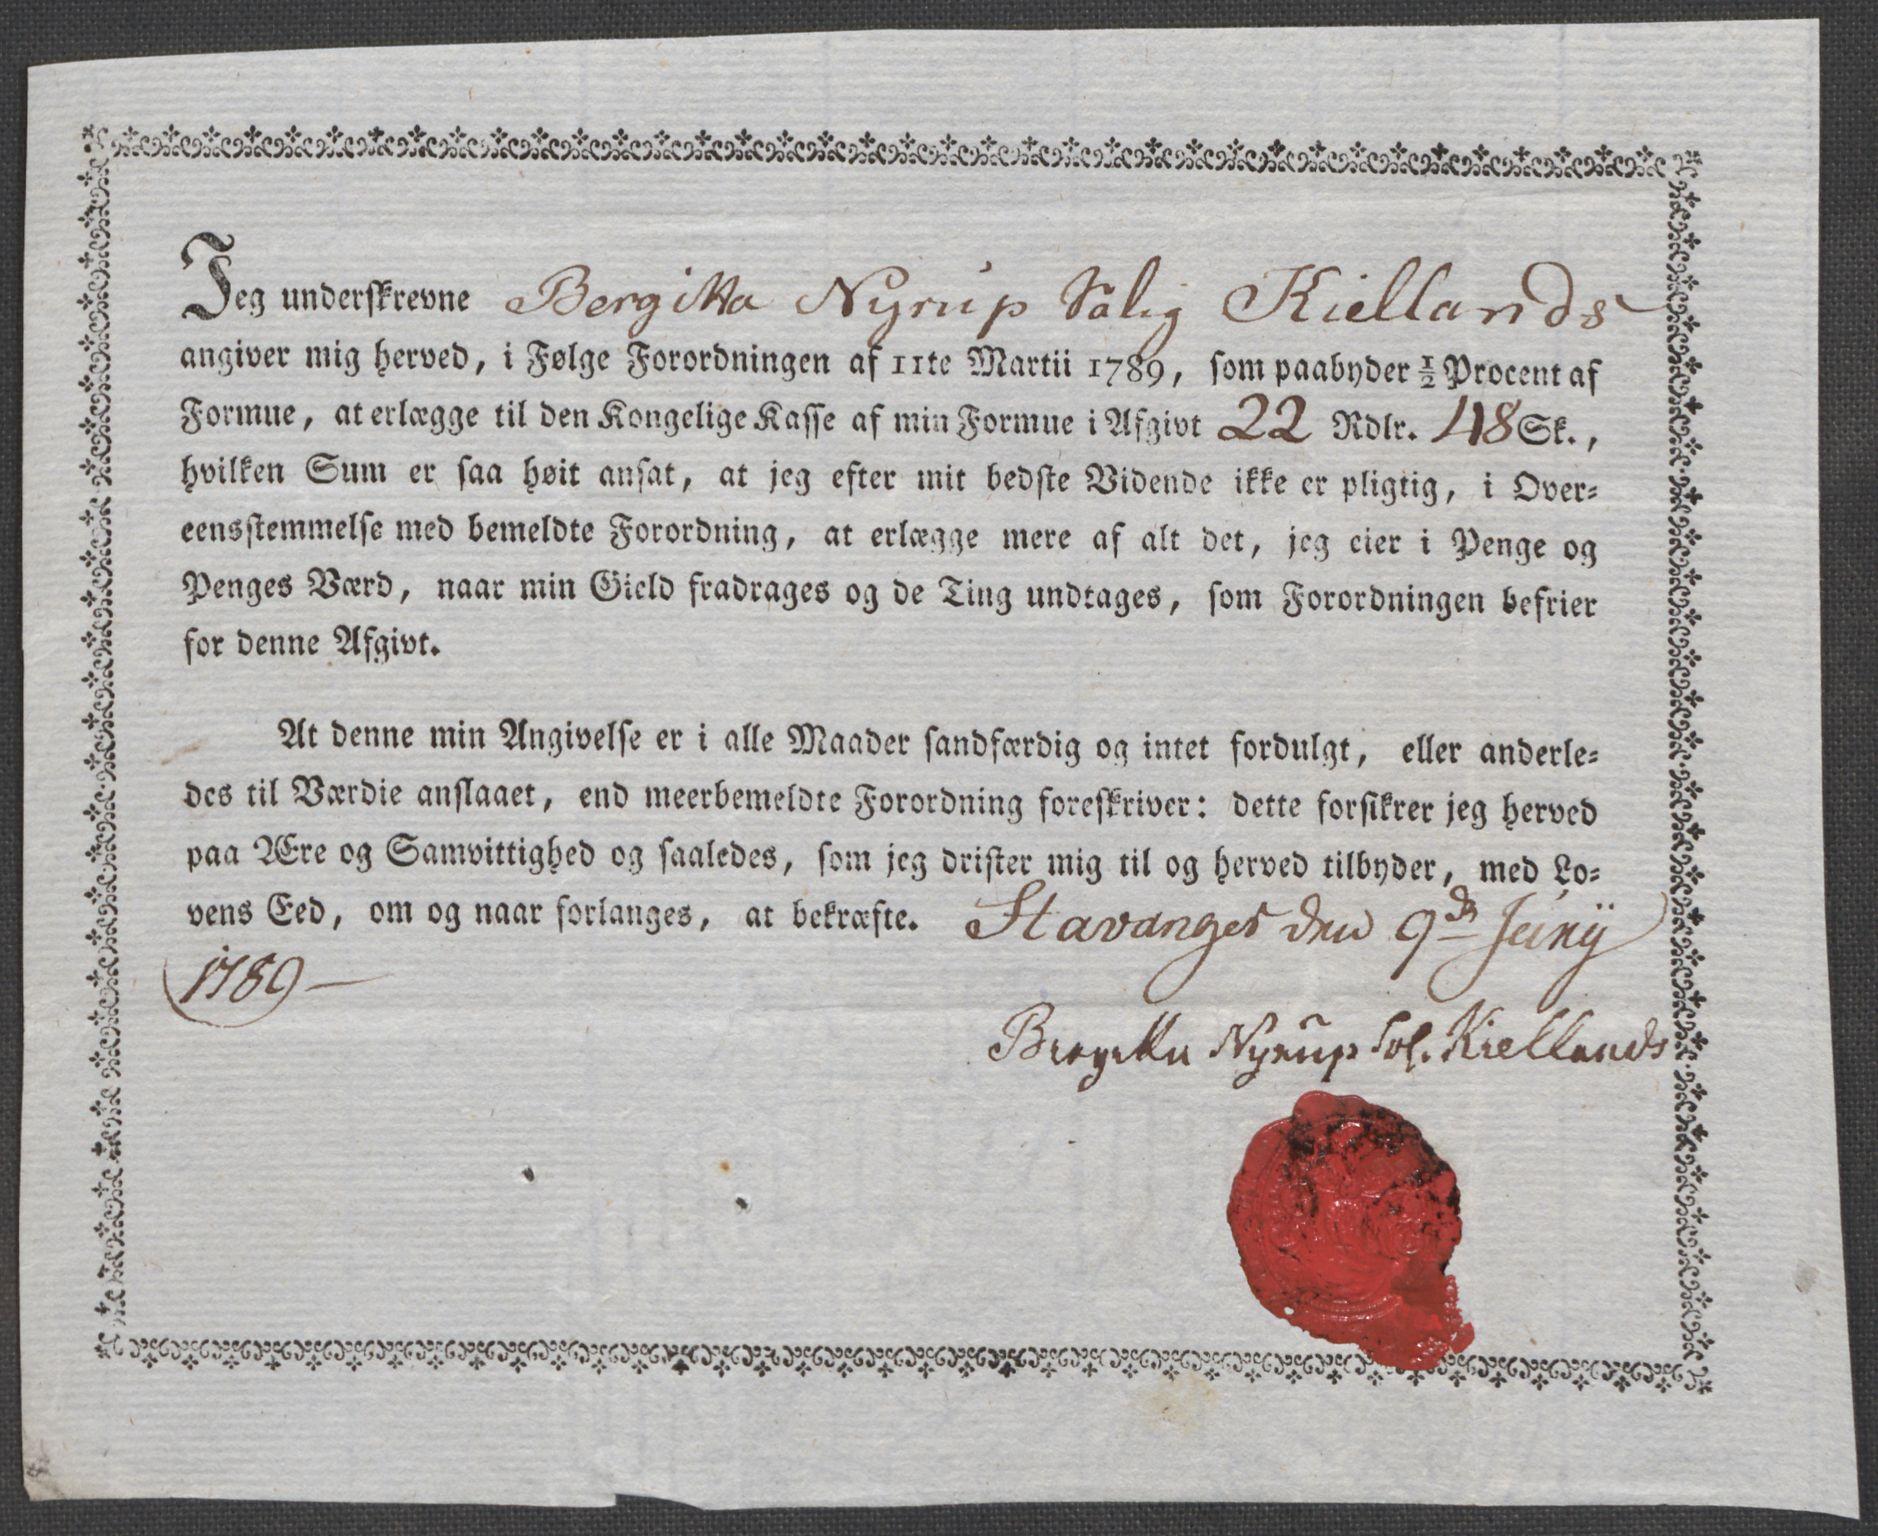 RA, Rentekammeret inntil 1814, Reviderte regnskaper, Mindre regnskaper, Rf/Rfe/L0045: Stavanger, Stjørdal og Verdal fogderi, 1789, s. 86